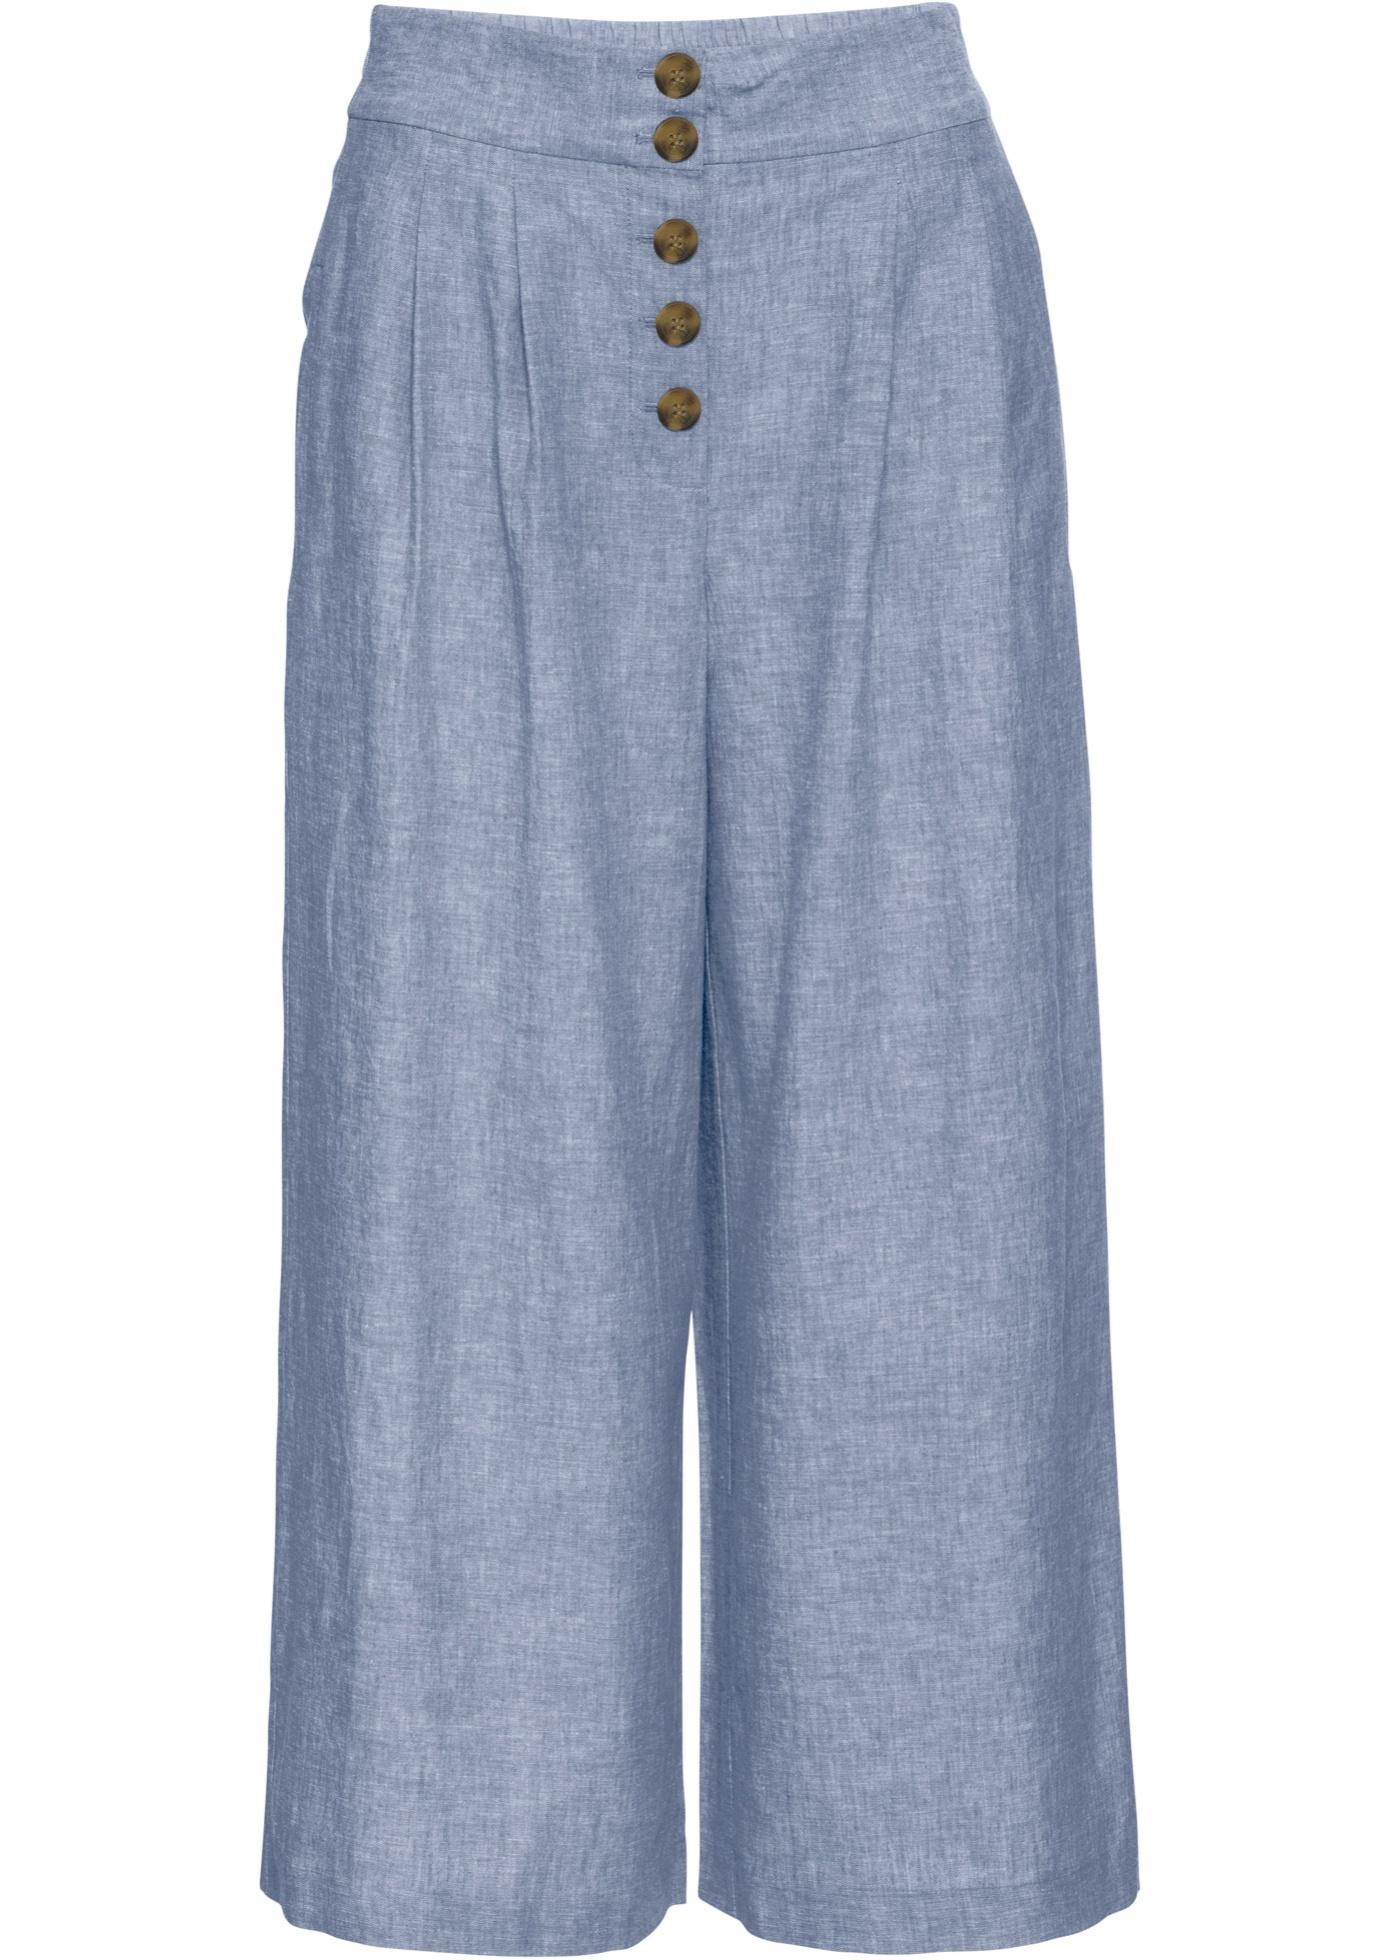 Hosen - Culotte mit Knöpfen › bonprix › blau  - Onlineshop Bonprix